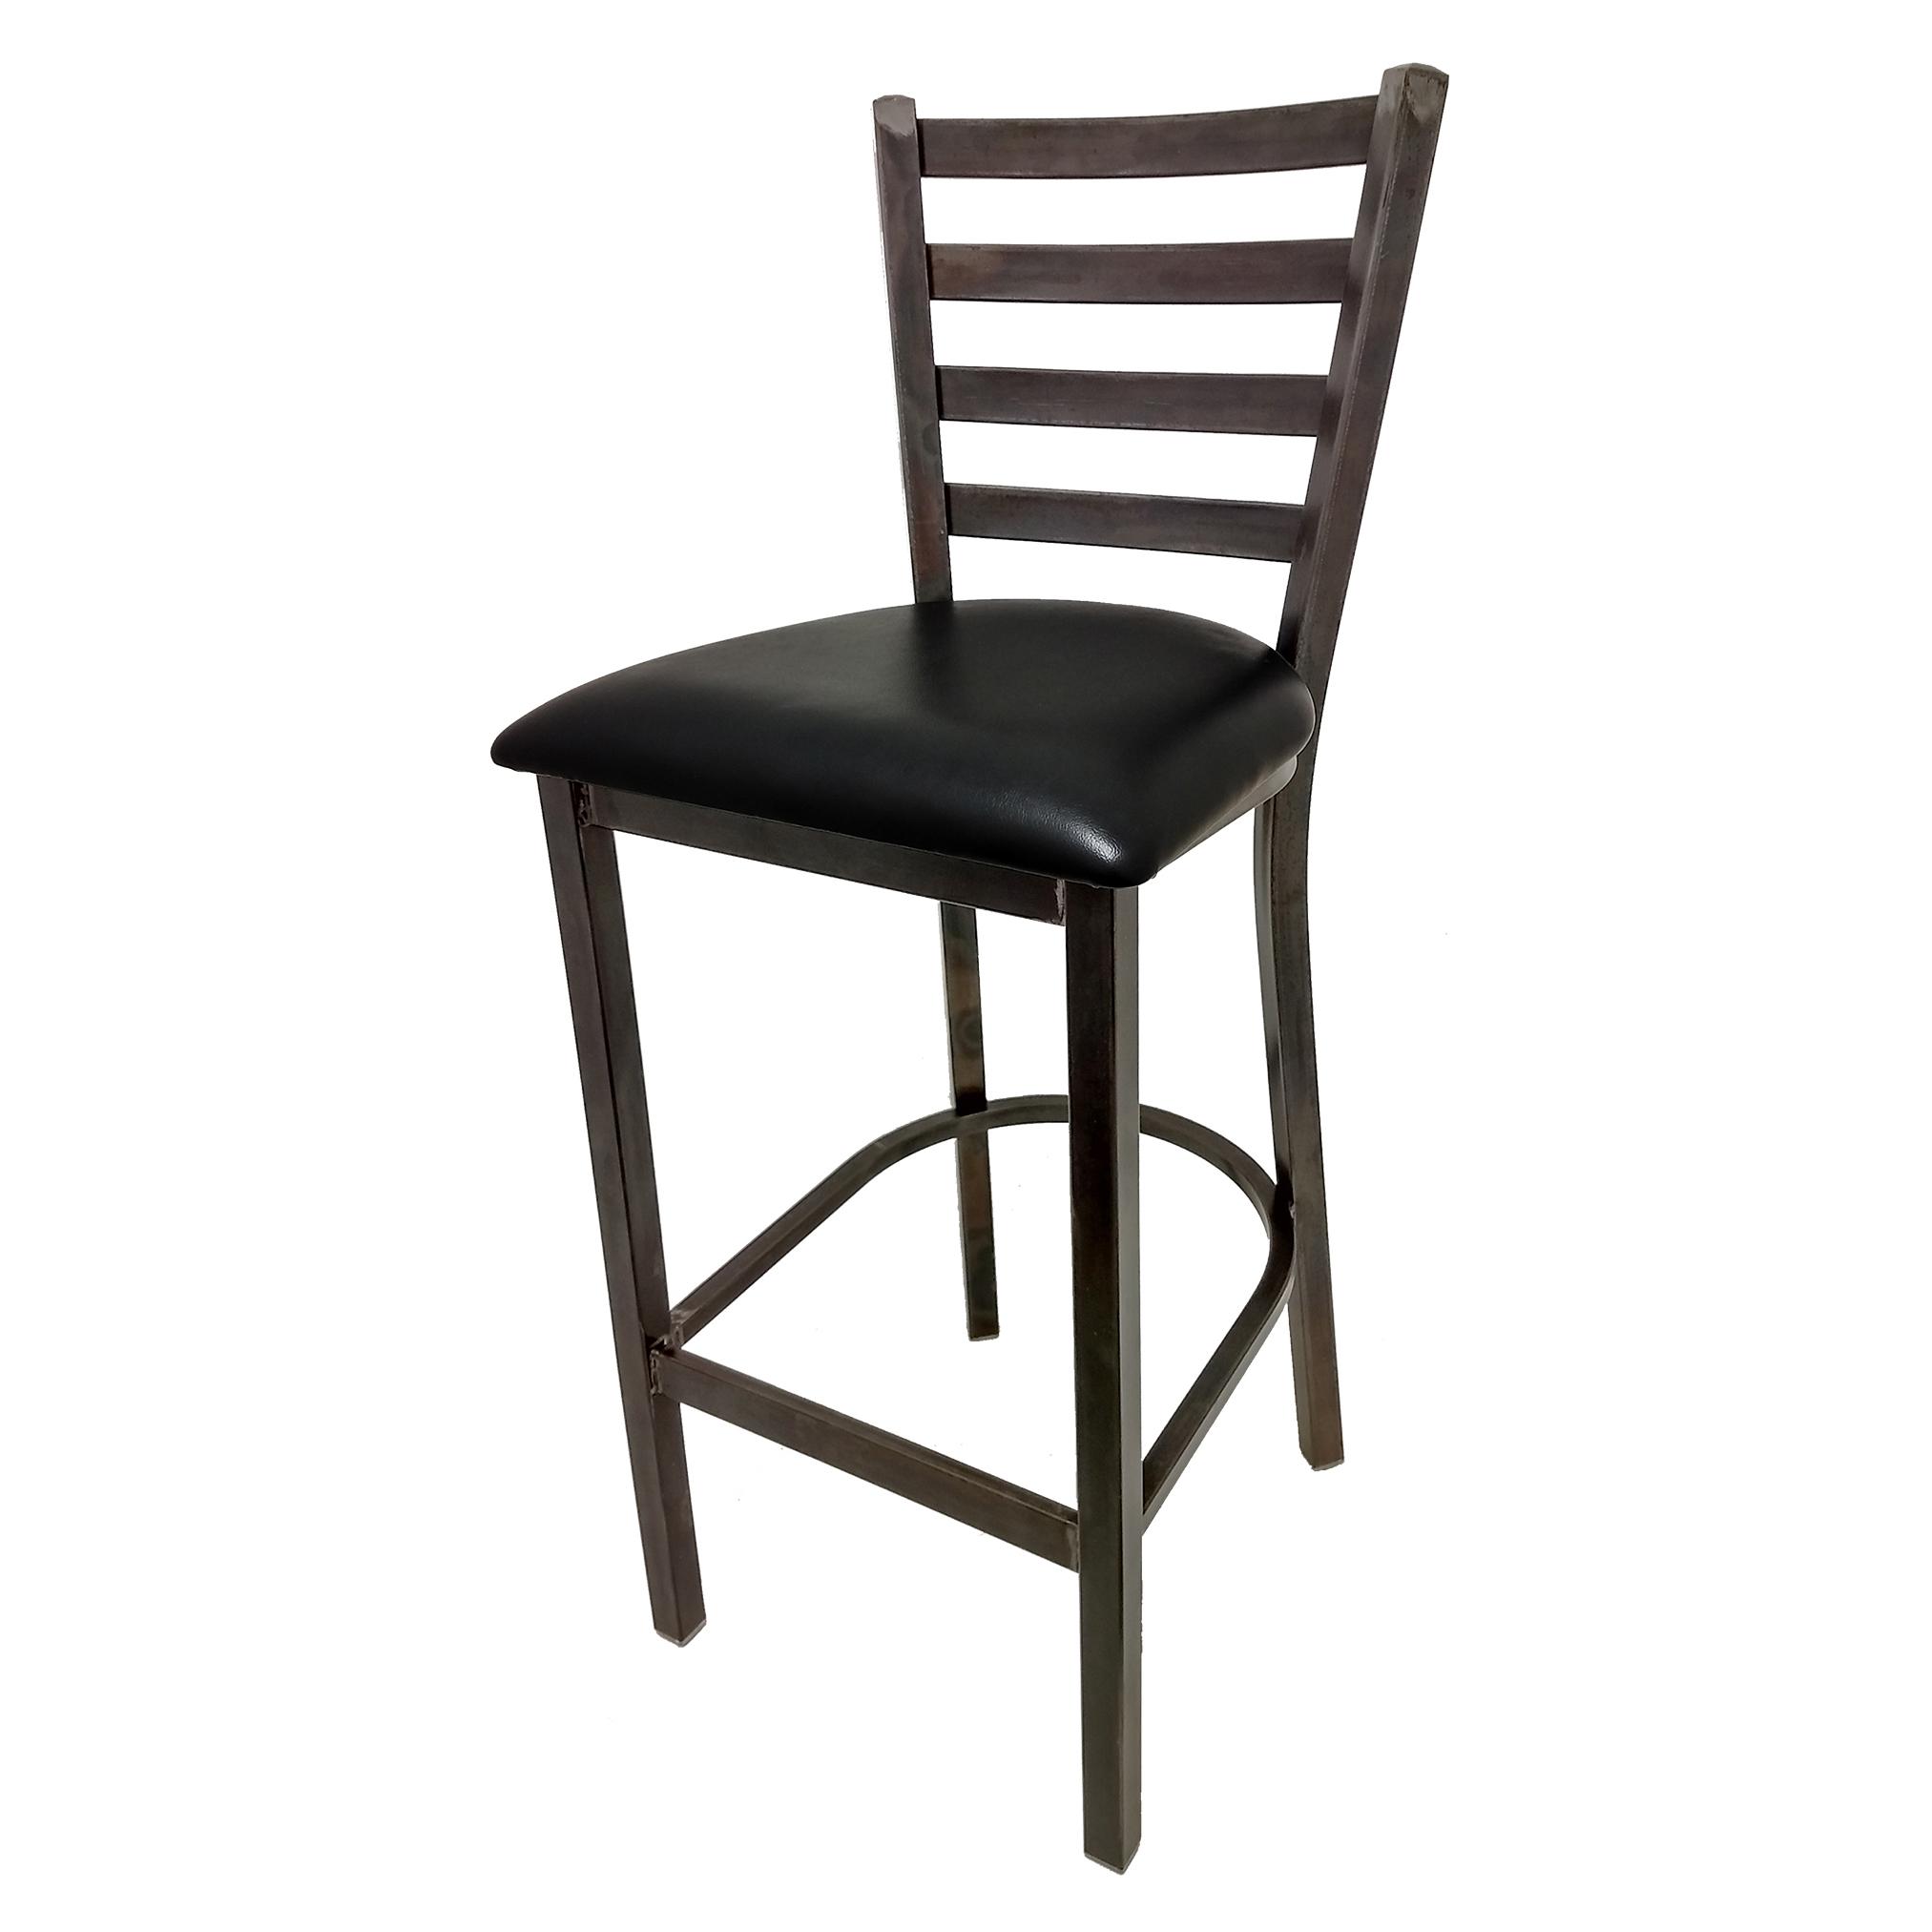 Oak Street BM-234R bar stool, indoor